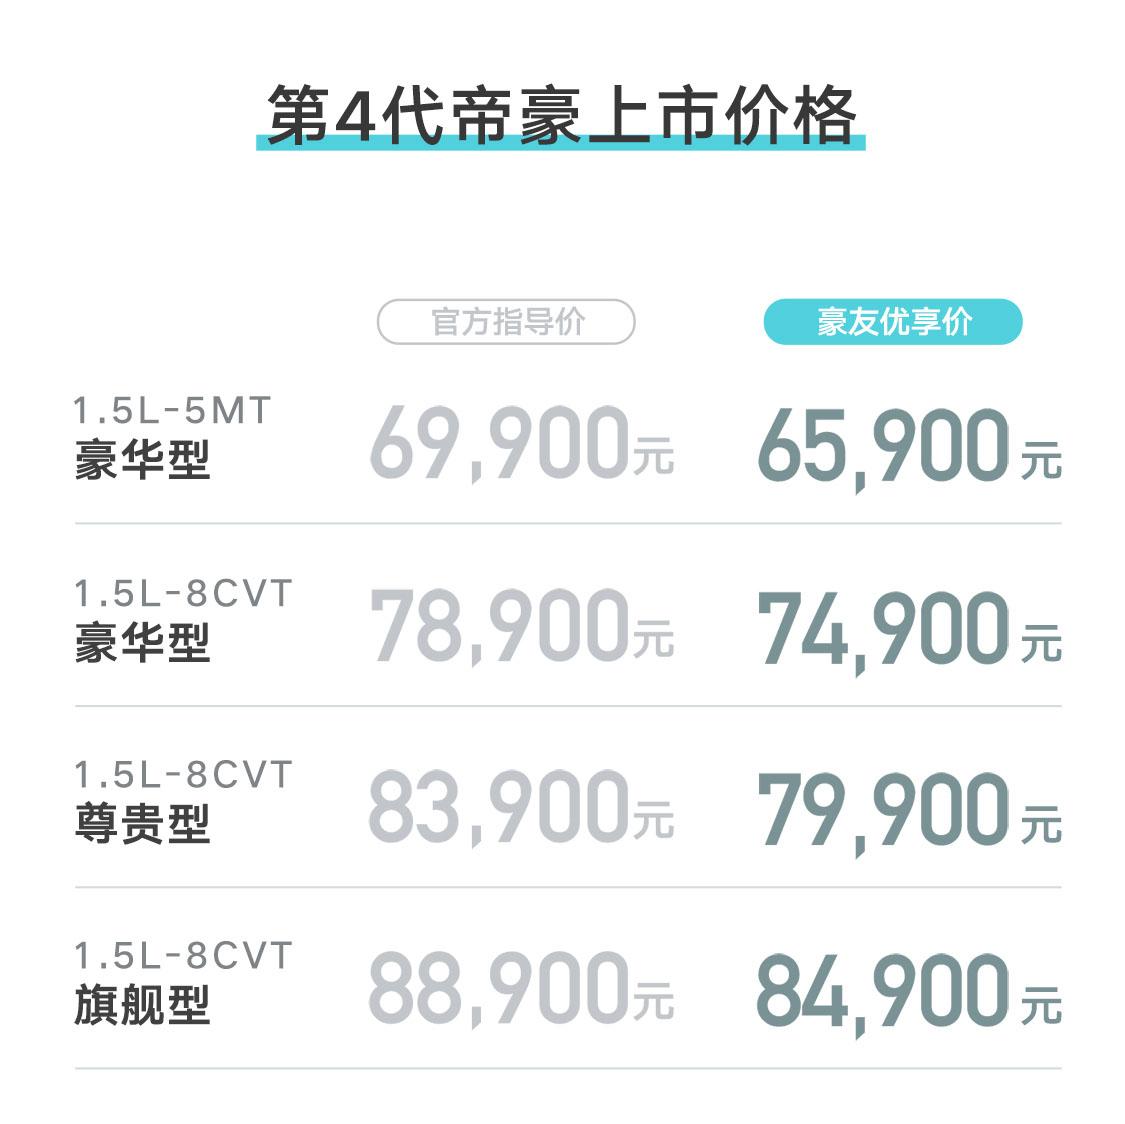 偏向稳重的更新换代,全新一代吉利帝豪上市售6.99~8.89万元